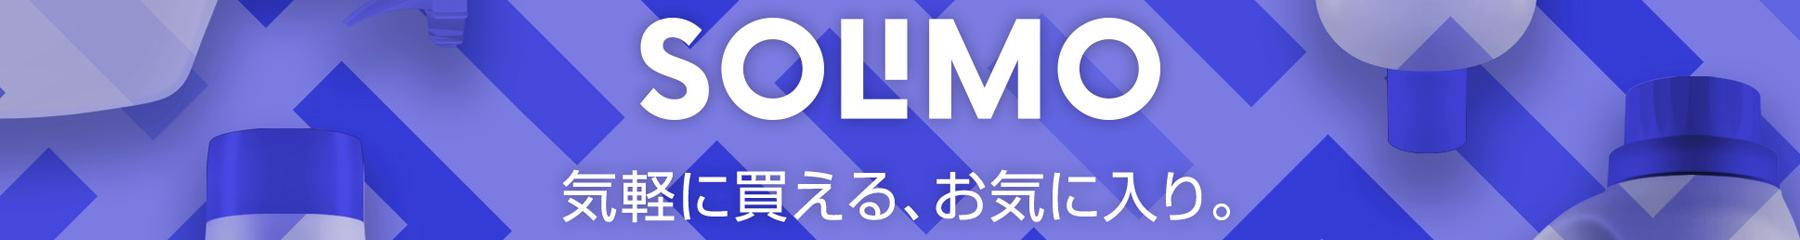 SOLIMO(ソリモ)